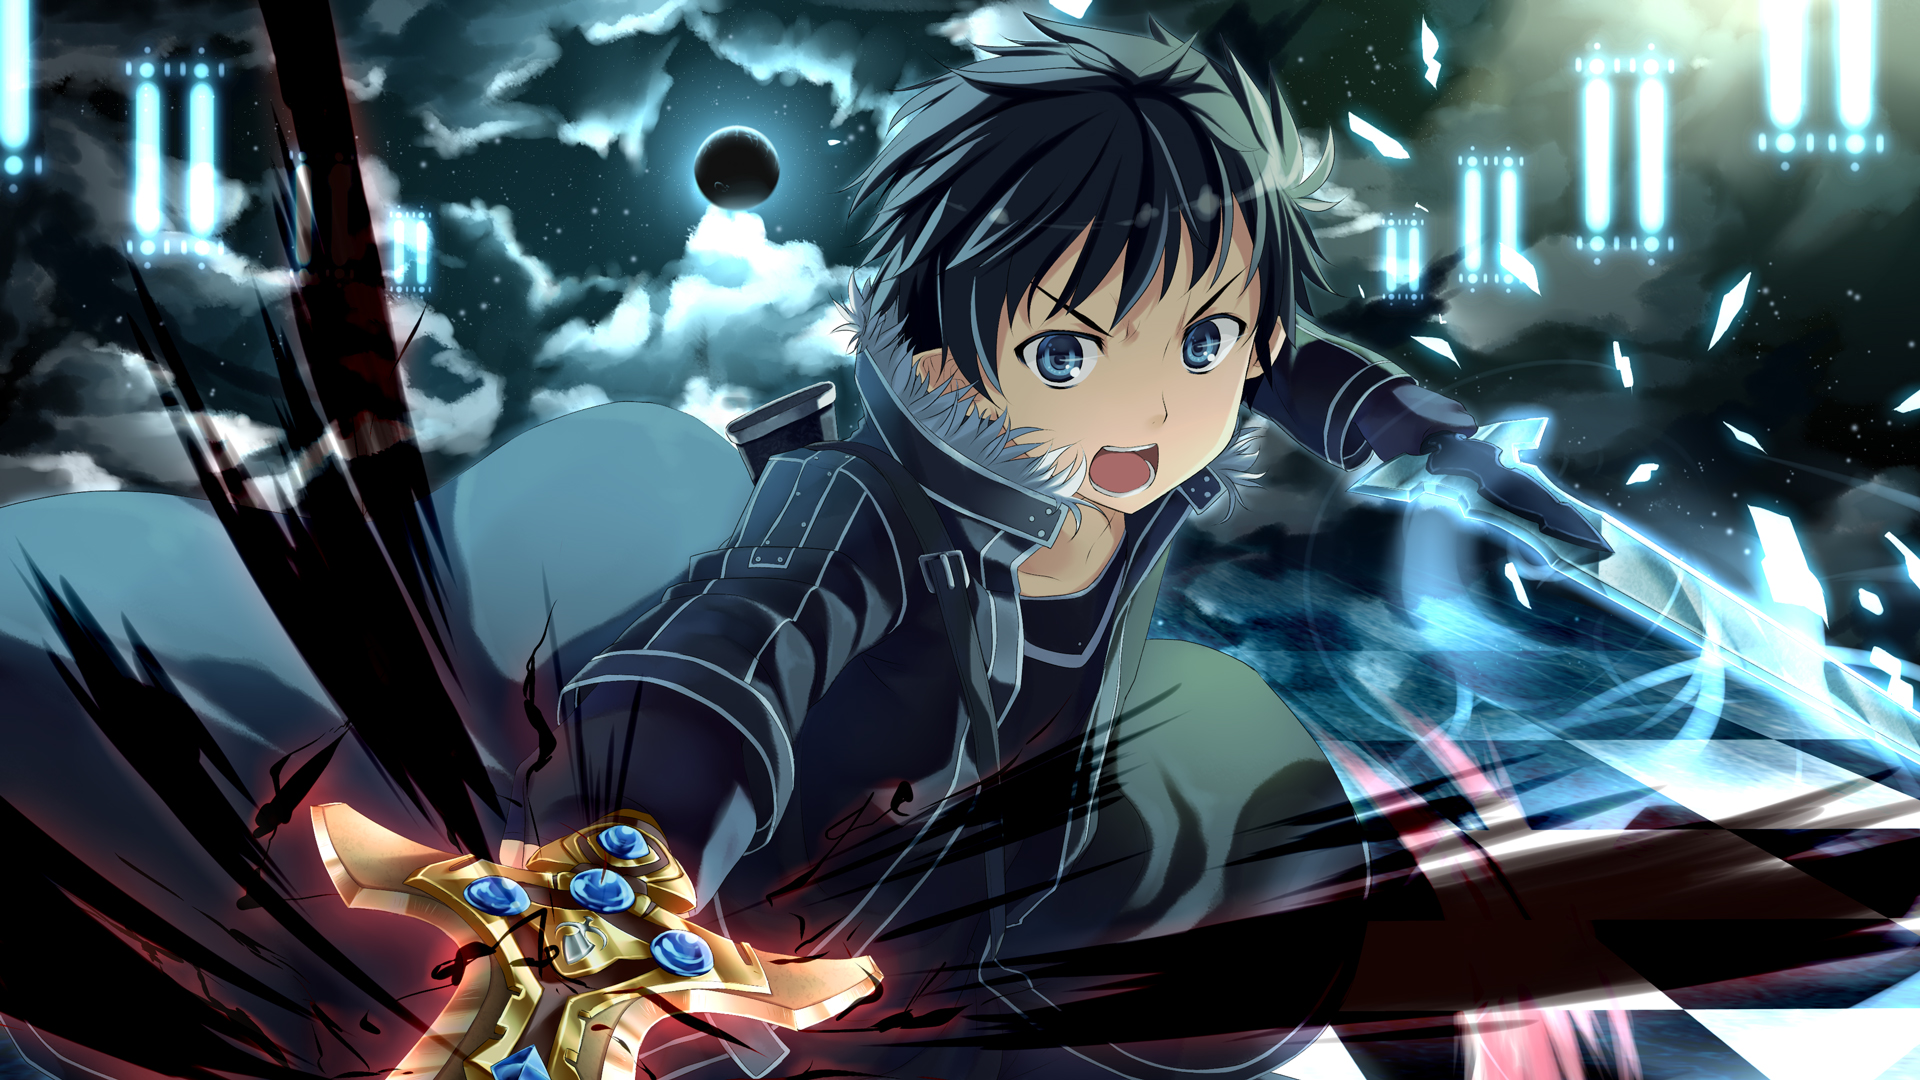 Sword Art Online Hd Wallpaper Zerochan Anime Image Board